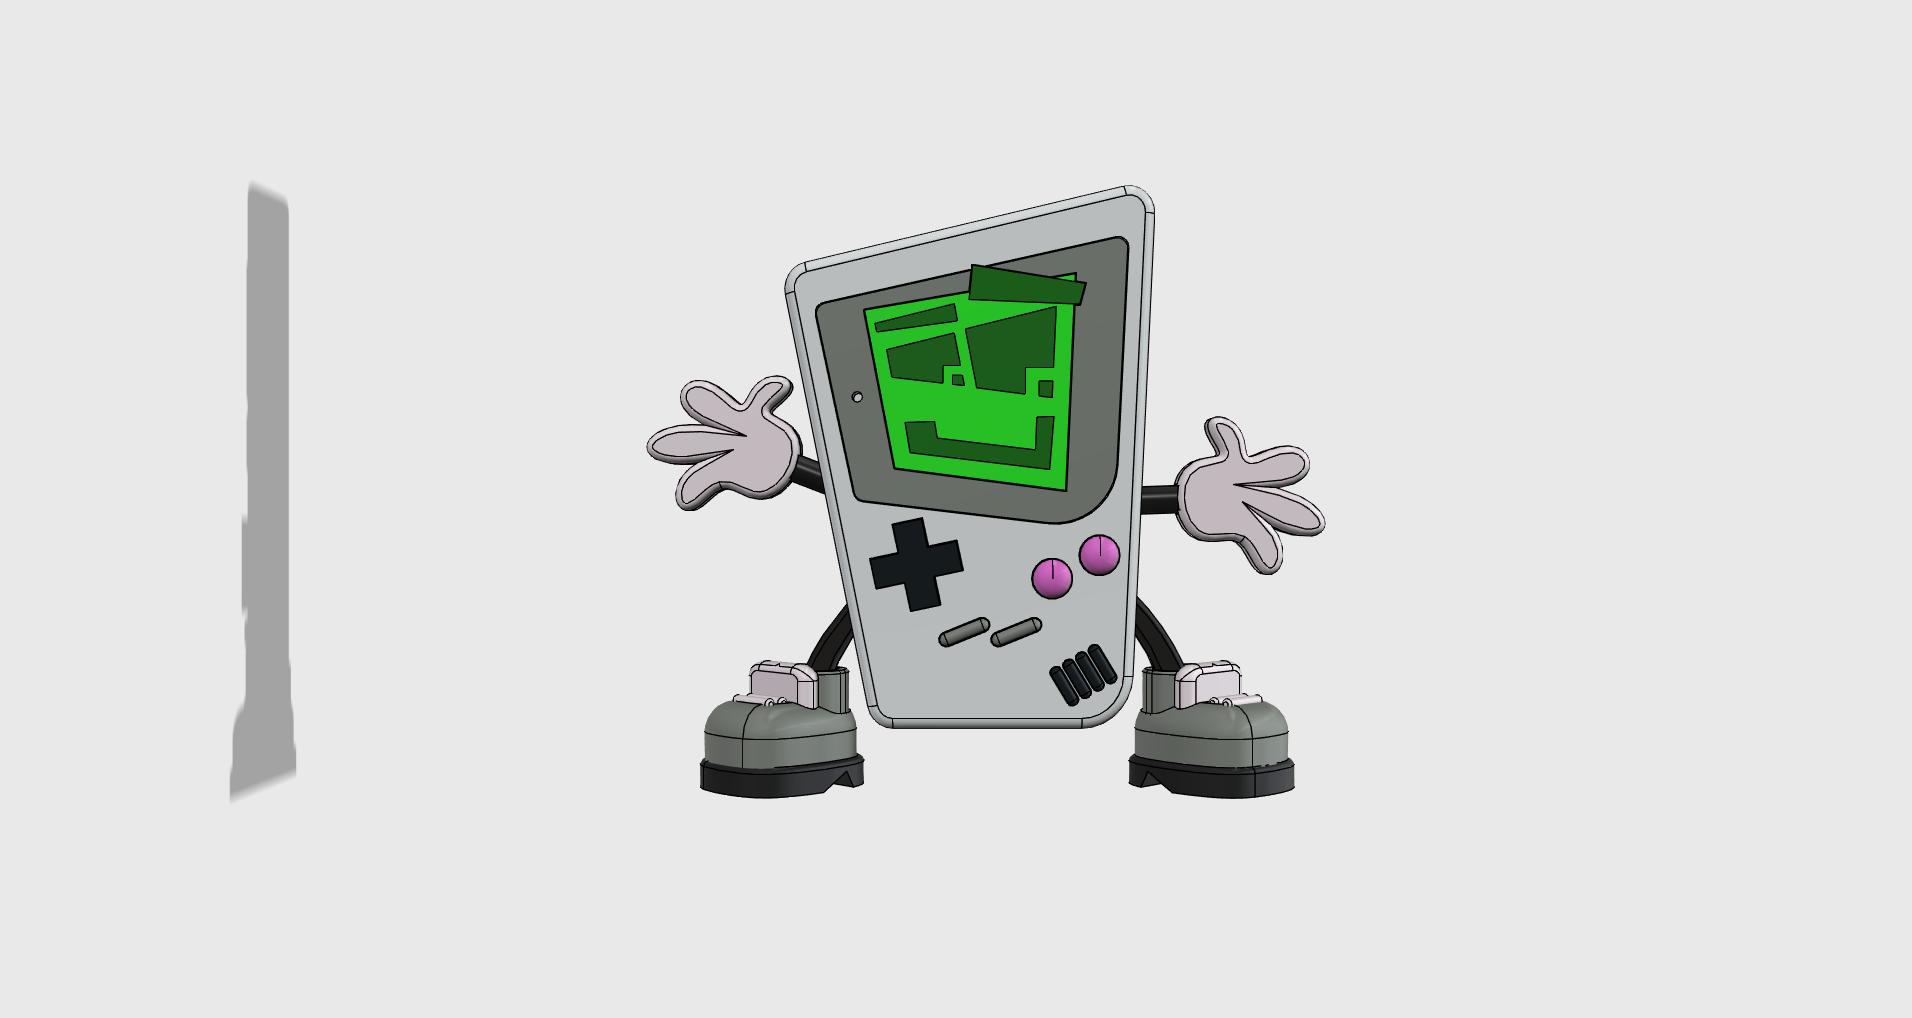 Gaming Gary front.png Télécharger fichier STL Jouer à Gary - Imprimer un Toons • Modèle à imprimer en 3D, neil3dprints